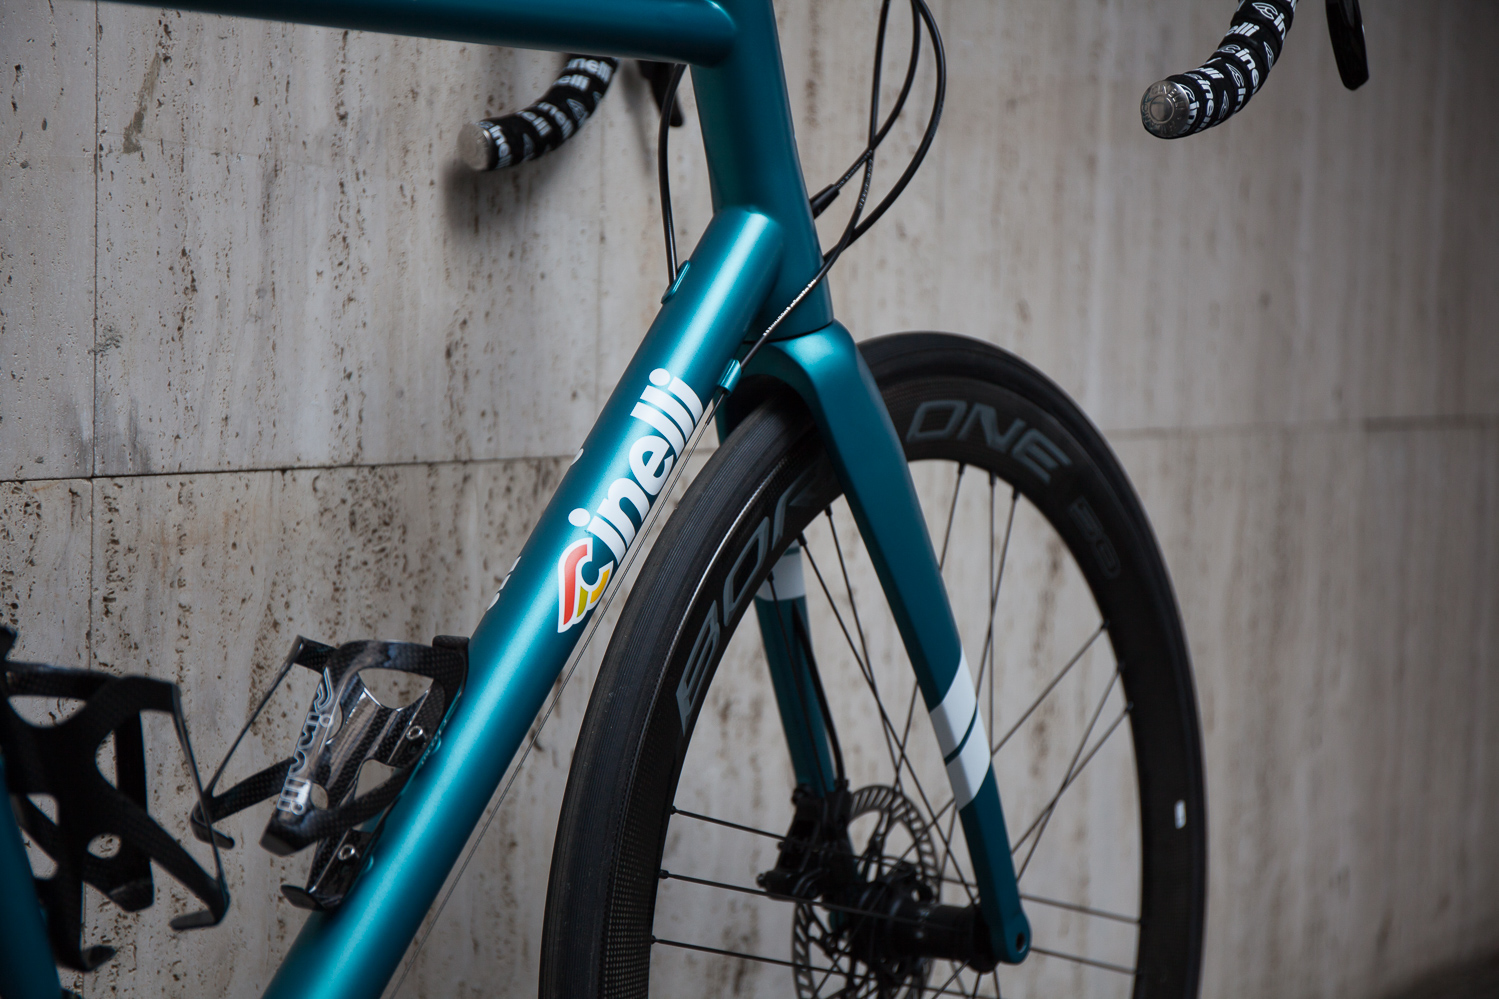 Cicli corsa Cinelli Nemo Tig Disc Turquoise matte -15